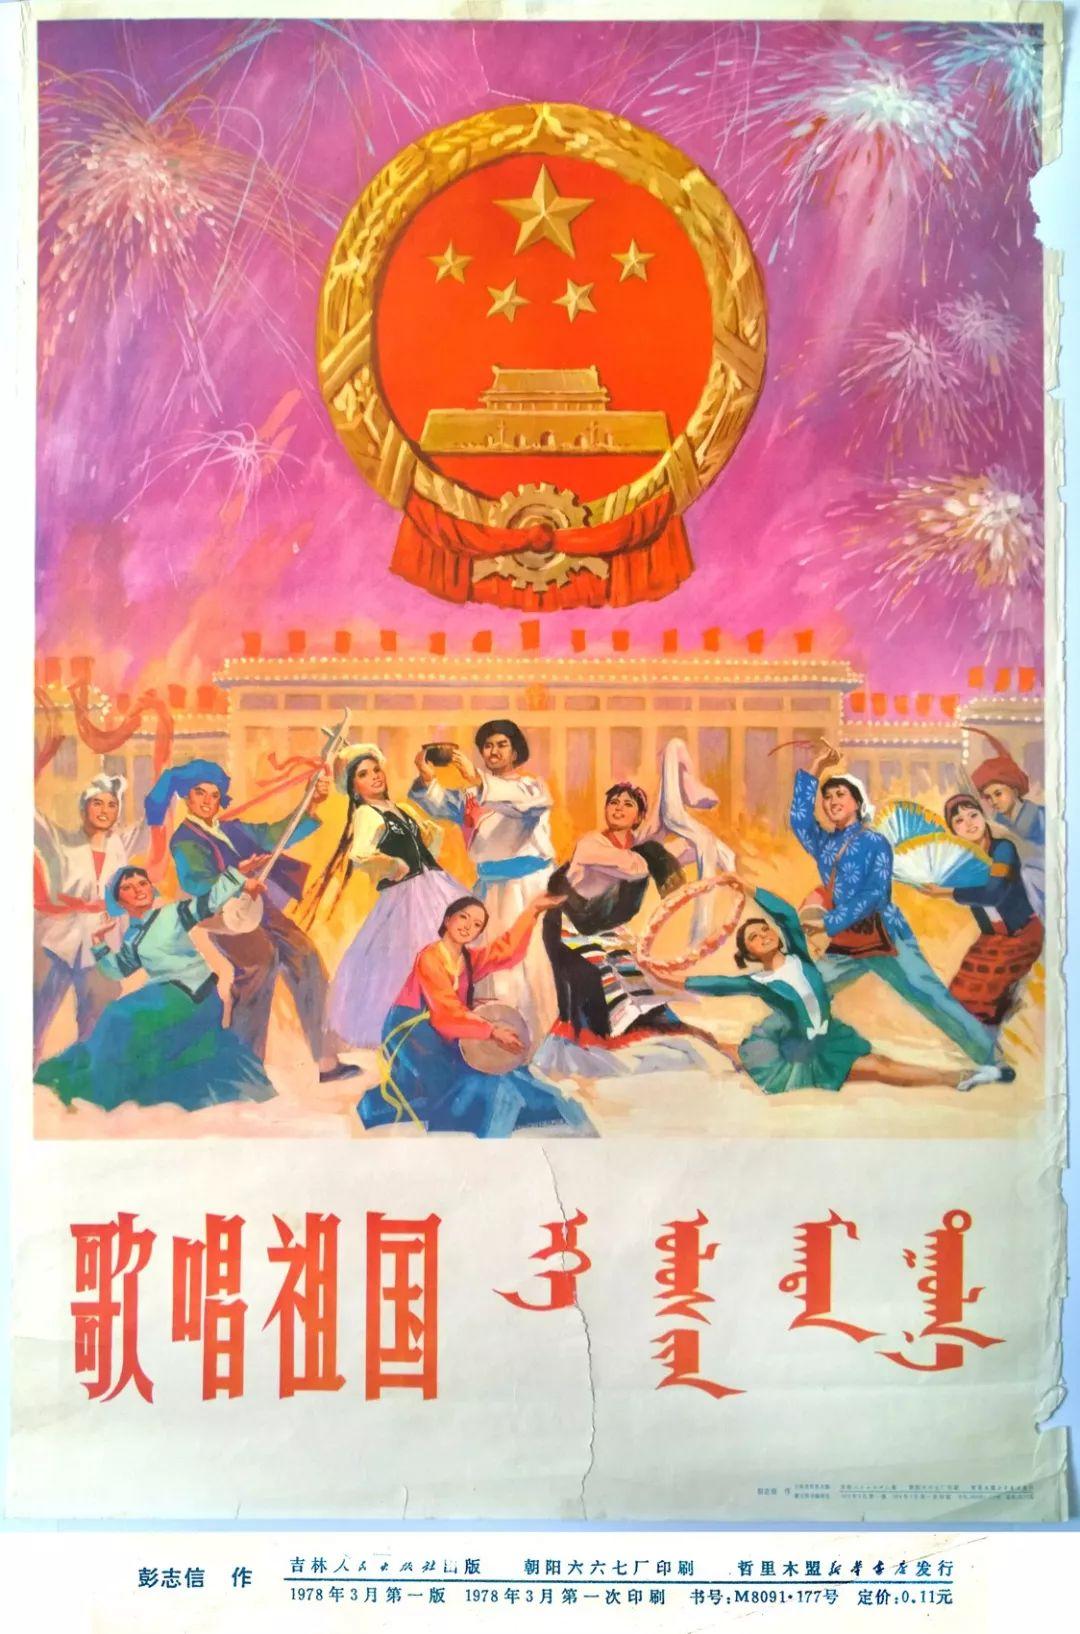 内蒙古画家--彭志信 第61张 内蒙古画家--彭志信 蒙古画廊